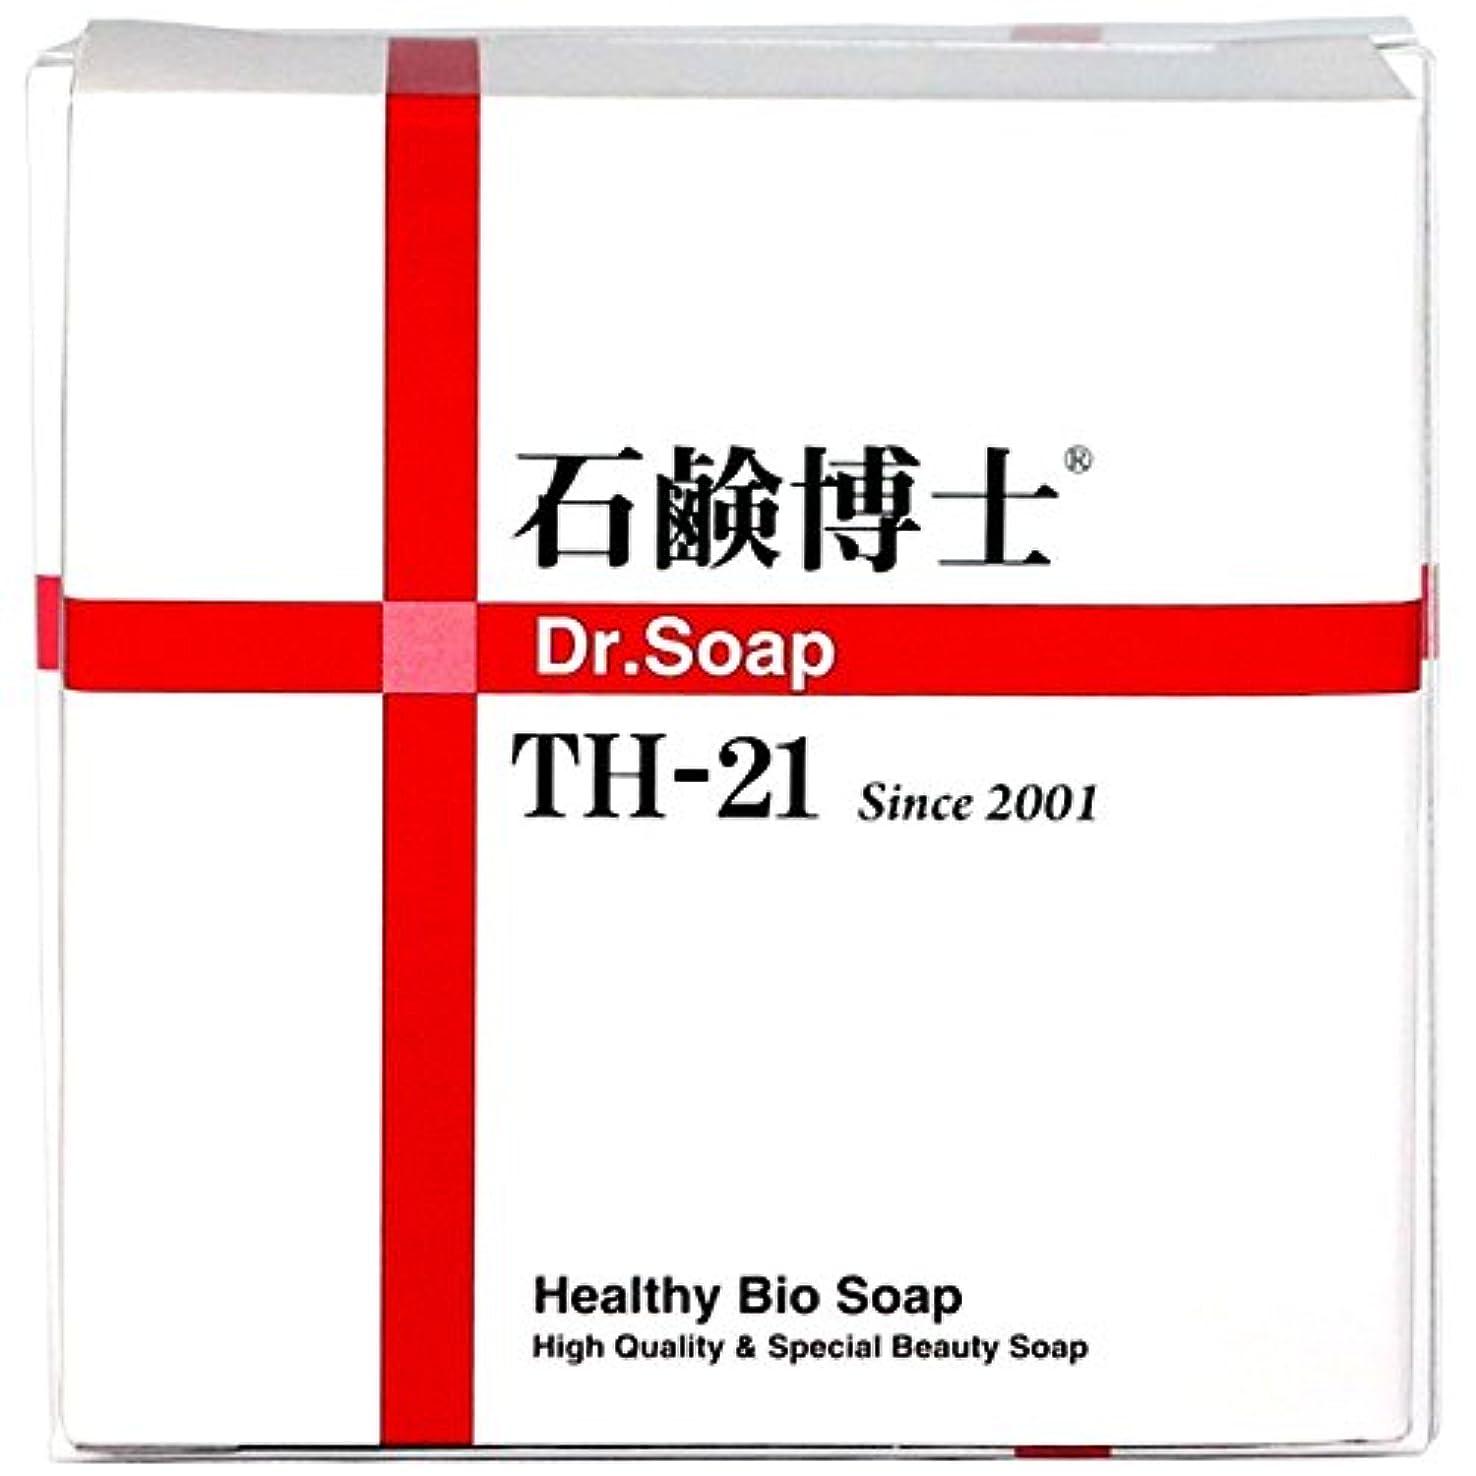 くちばし頼む中断ミネラルと分解酵素で洗顔しながらスキンケア 石鹸博士 DRソープ石鹸 Dr.Soap TH-21 100g